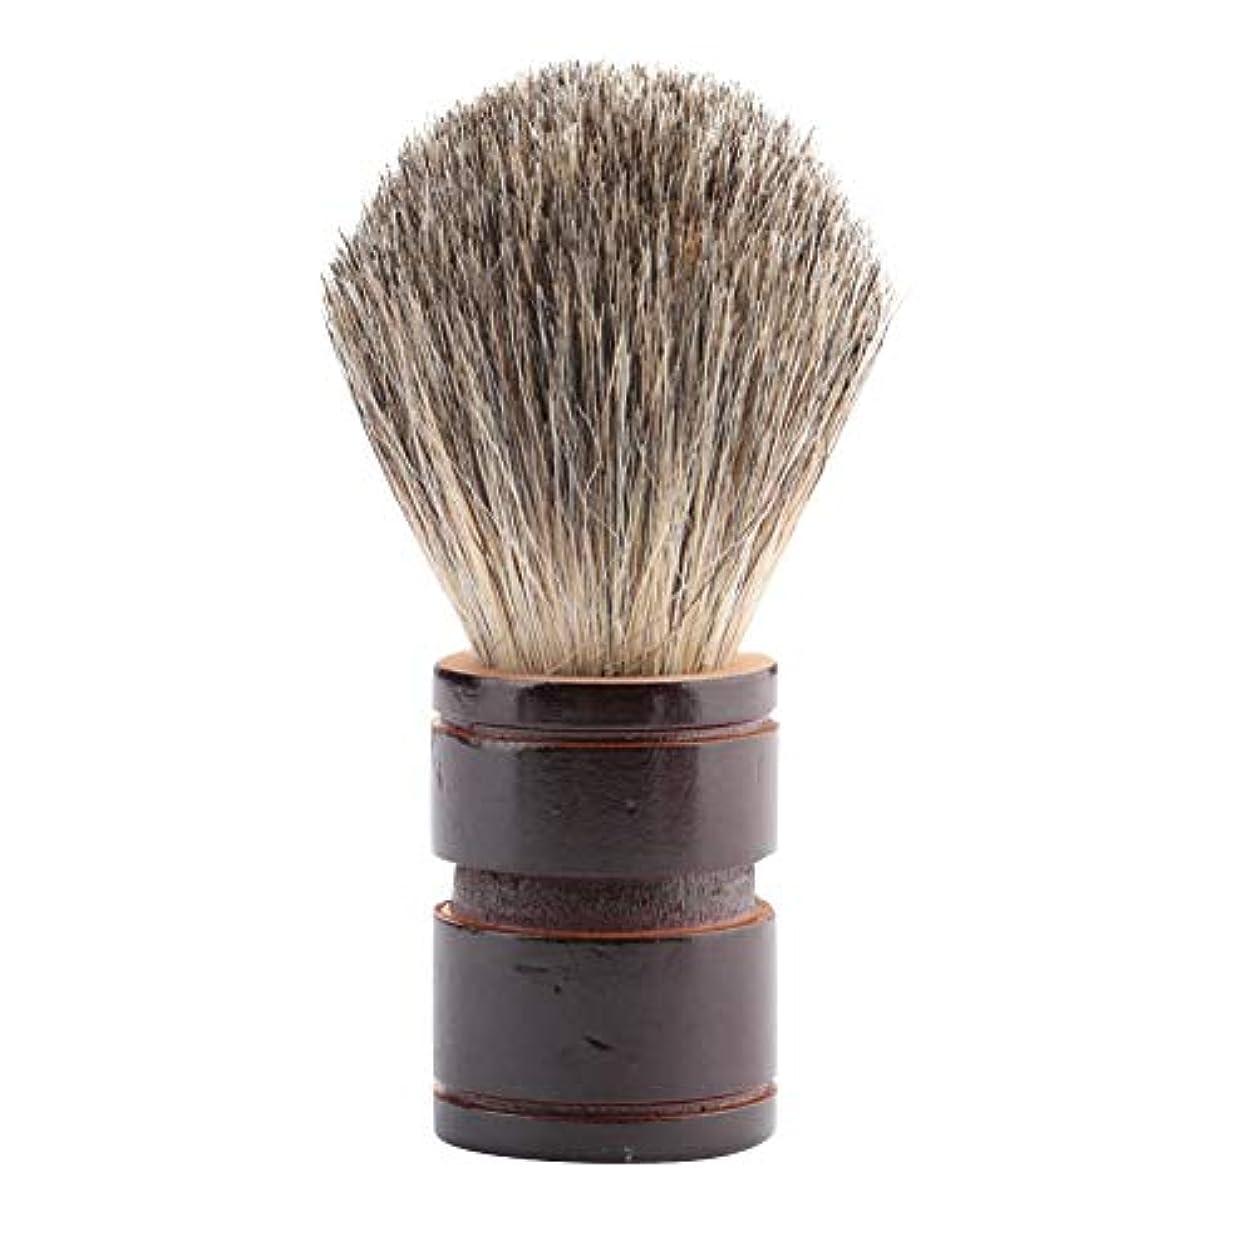 更新するリテラシー唯一ひげブラシ、2色オプションのポータブルプレミアム品質ブラシ男性のためのひげのケアツール美容院と家庭用缶(ヘム+ミックスロード)